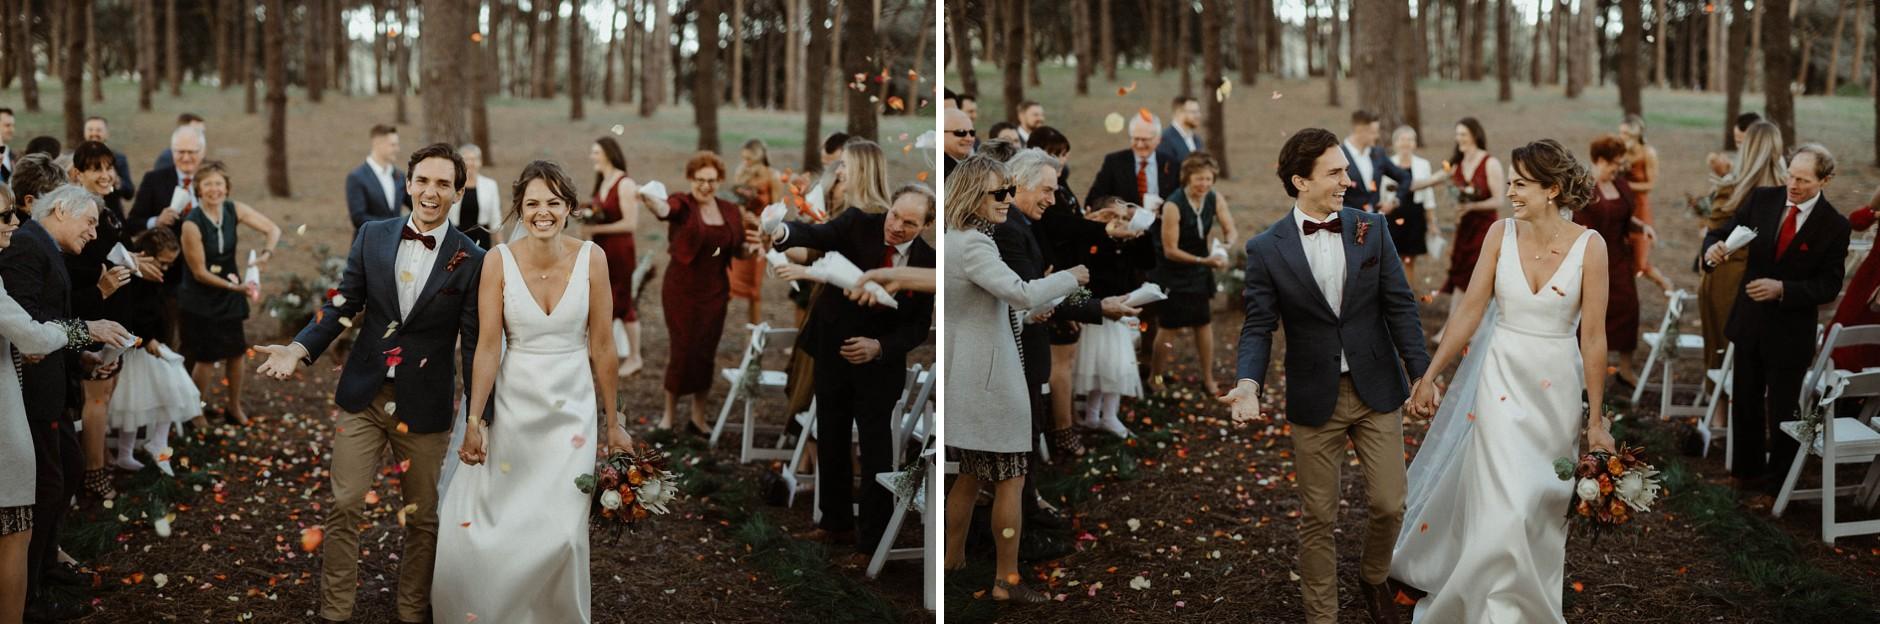 Sydney-Wedding-Photographer-kath&ross0437_Sydney-Wedding-Photographer.jpg